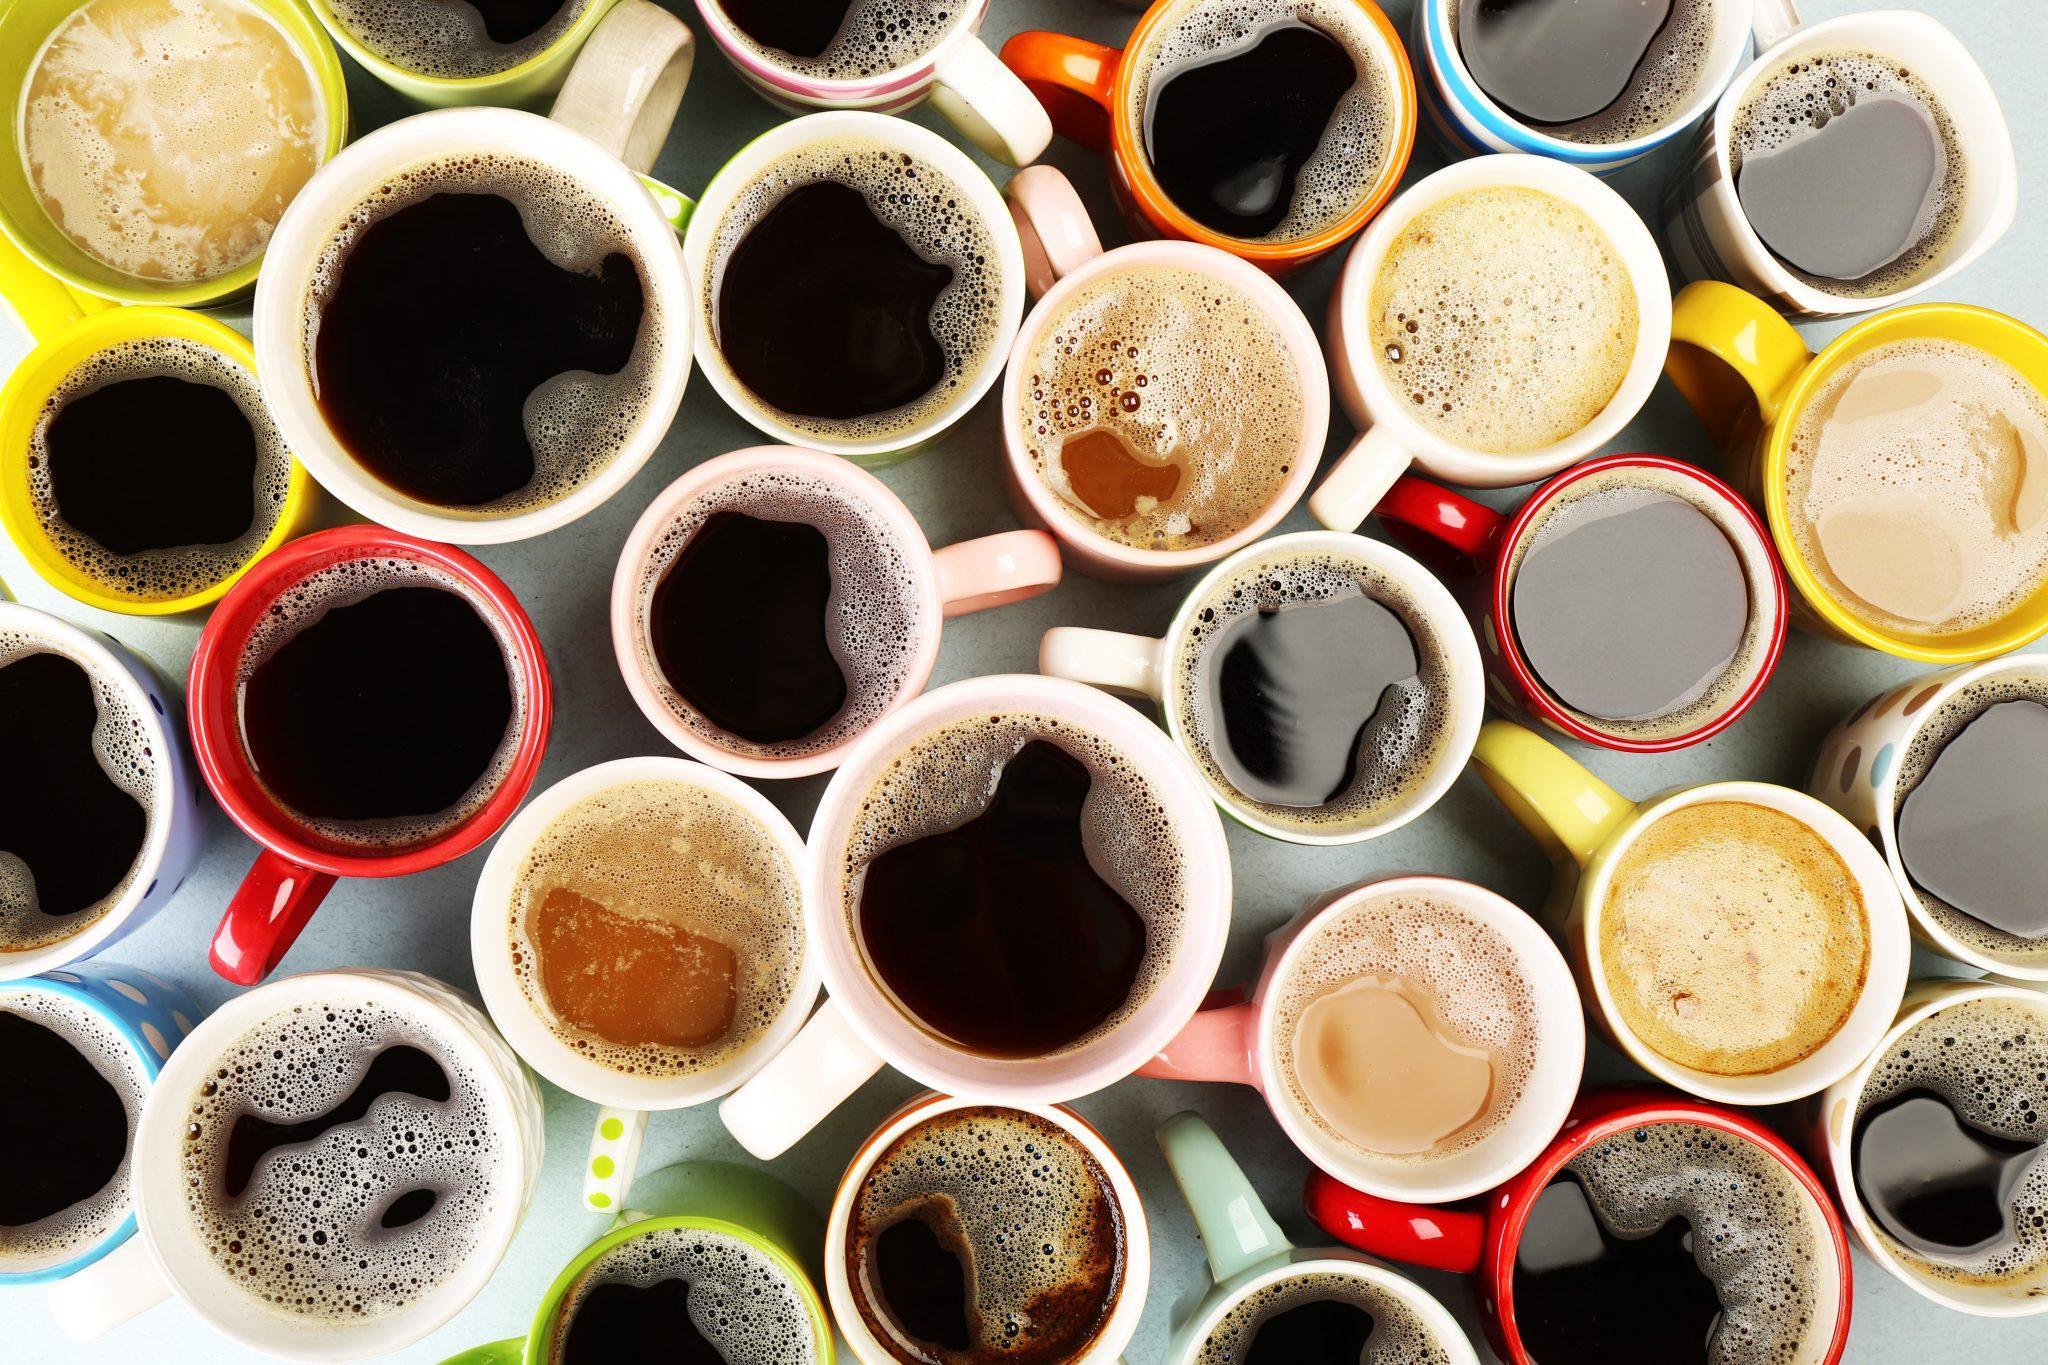 Способ приготовления кофе не повлиял на связь со снижением риска заболеваний печени